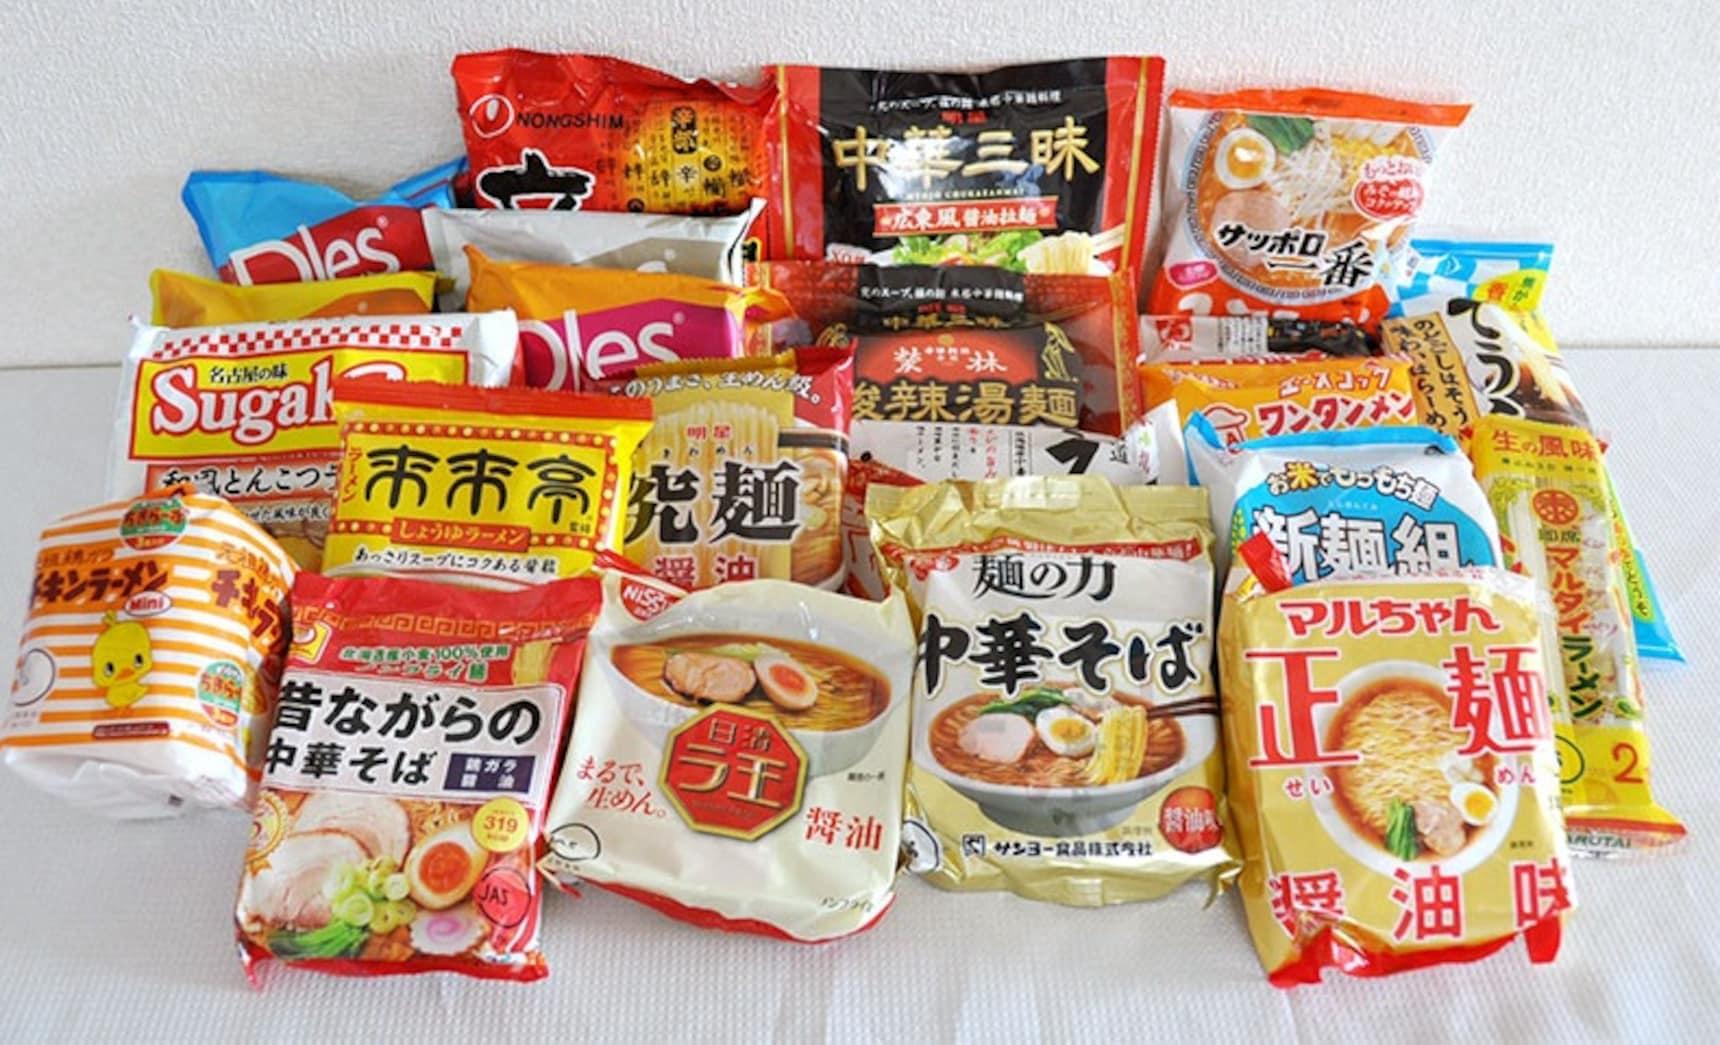 7 อันดับบะหมี่กึ่งสำเร็จรูปแบบซองของญี่ปุ่น